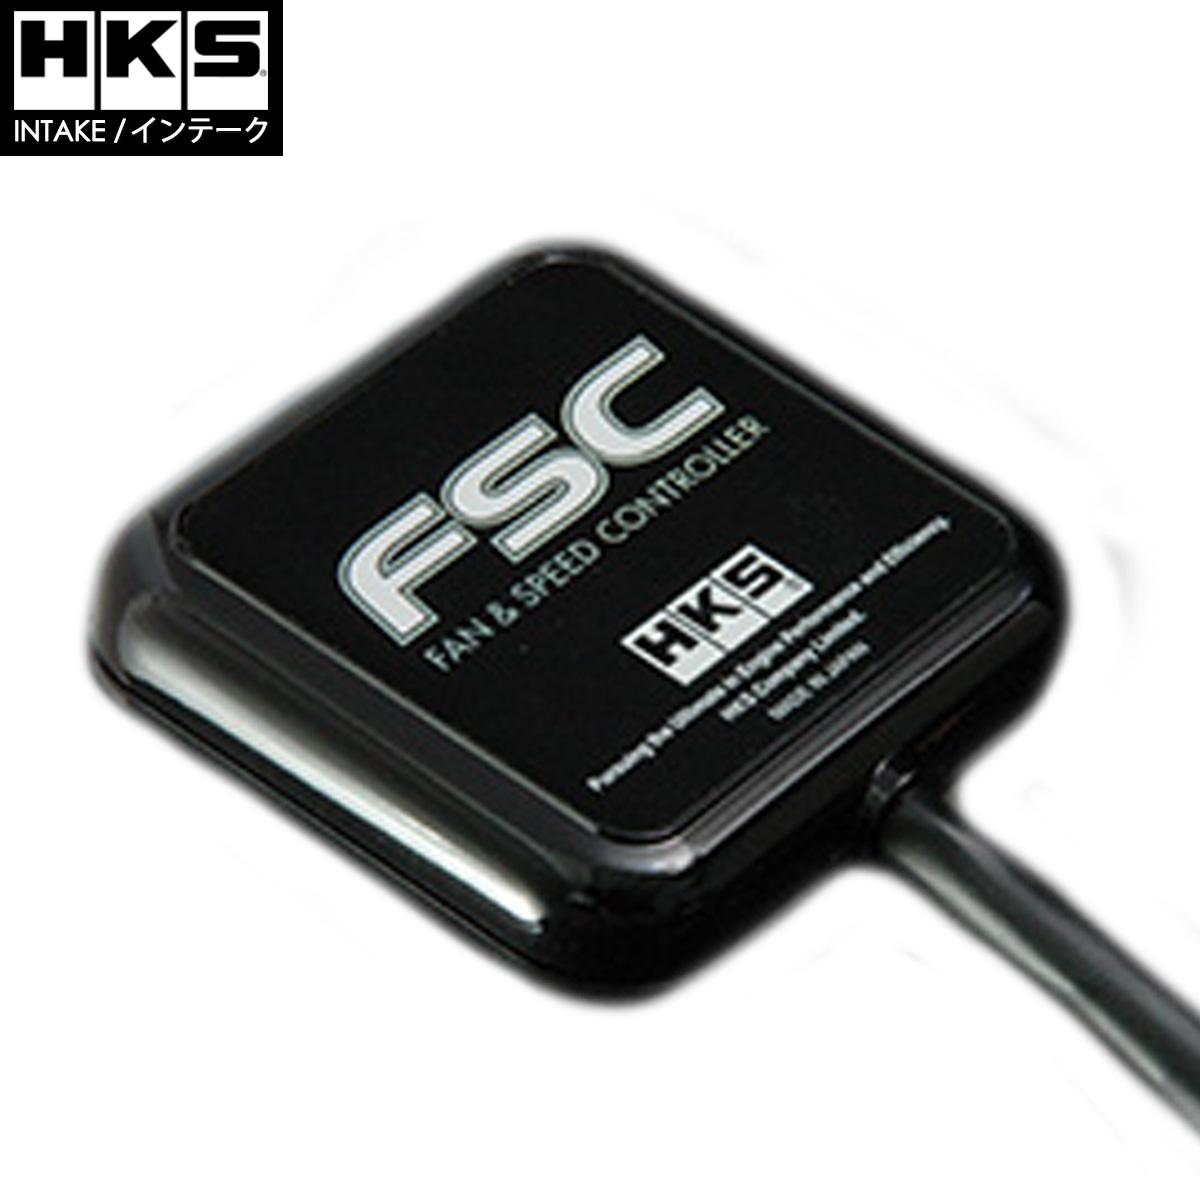 フェアレディZ ロードスター スピードリミッターカット FSC ファン スピードコントローラー HZ33 HKS 45007-AN001 エレクトリニクス 個人宅発送追金有